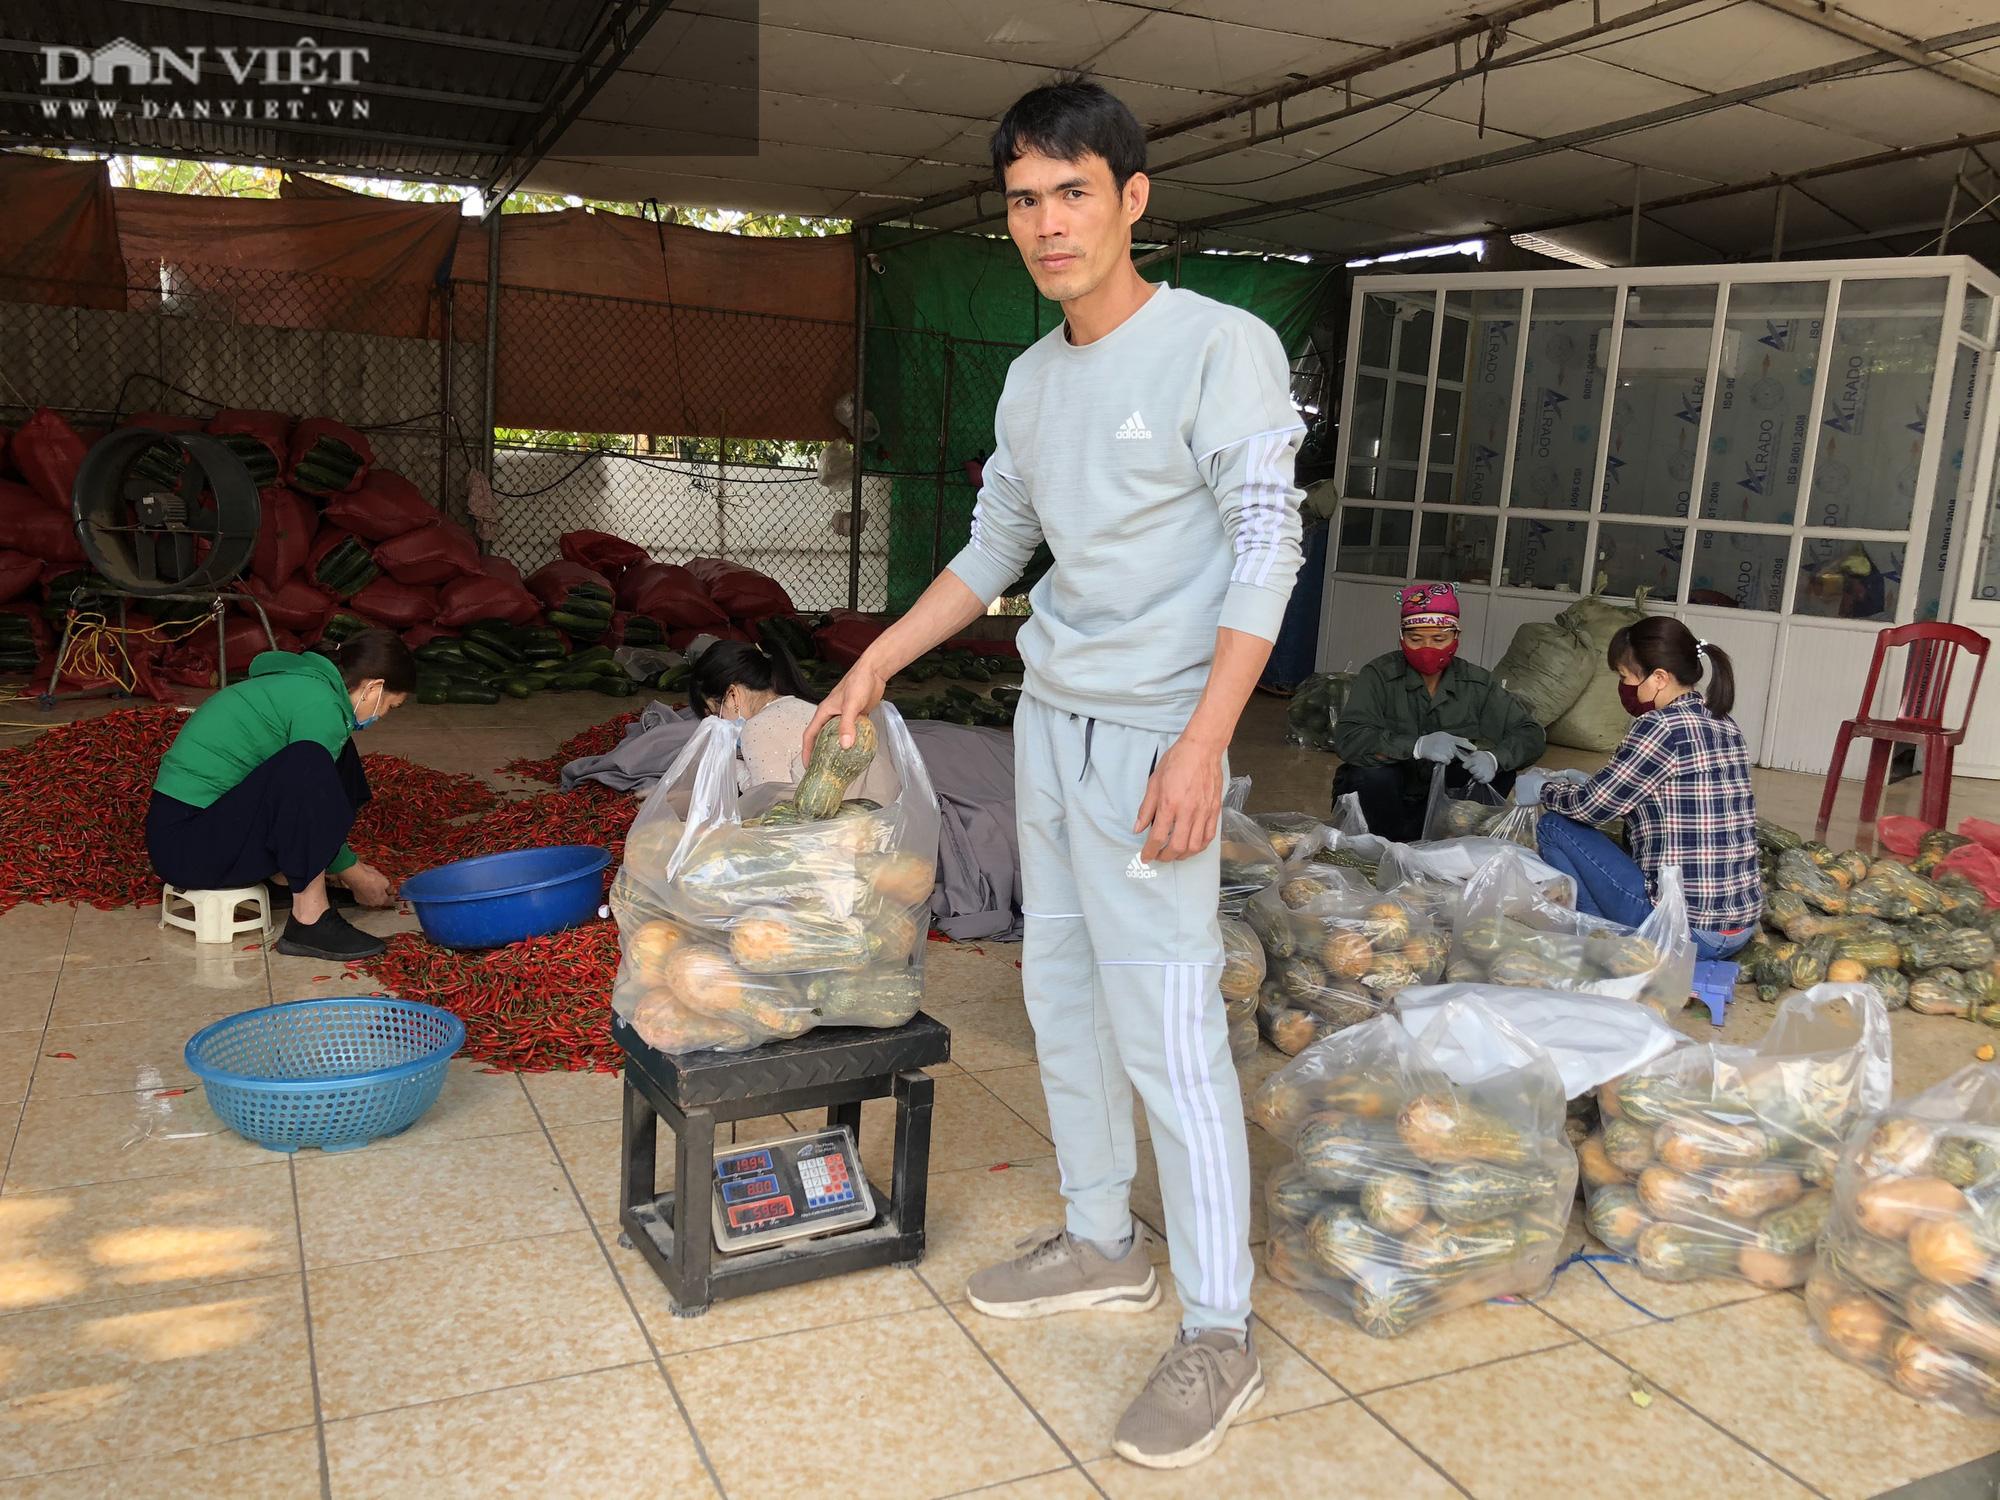 Thái Bình: Rau rẻ như cho, chỉ 8.000 nghìn đồng/15 củ su hào, nông dân chán nản cắt về làm thức ăn cho bò - Ảnh 3.